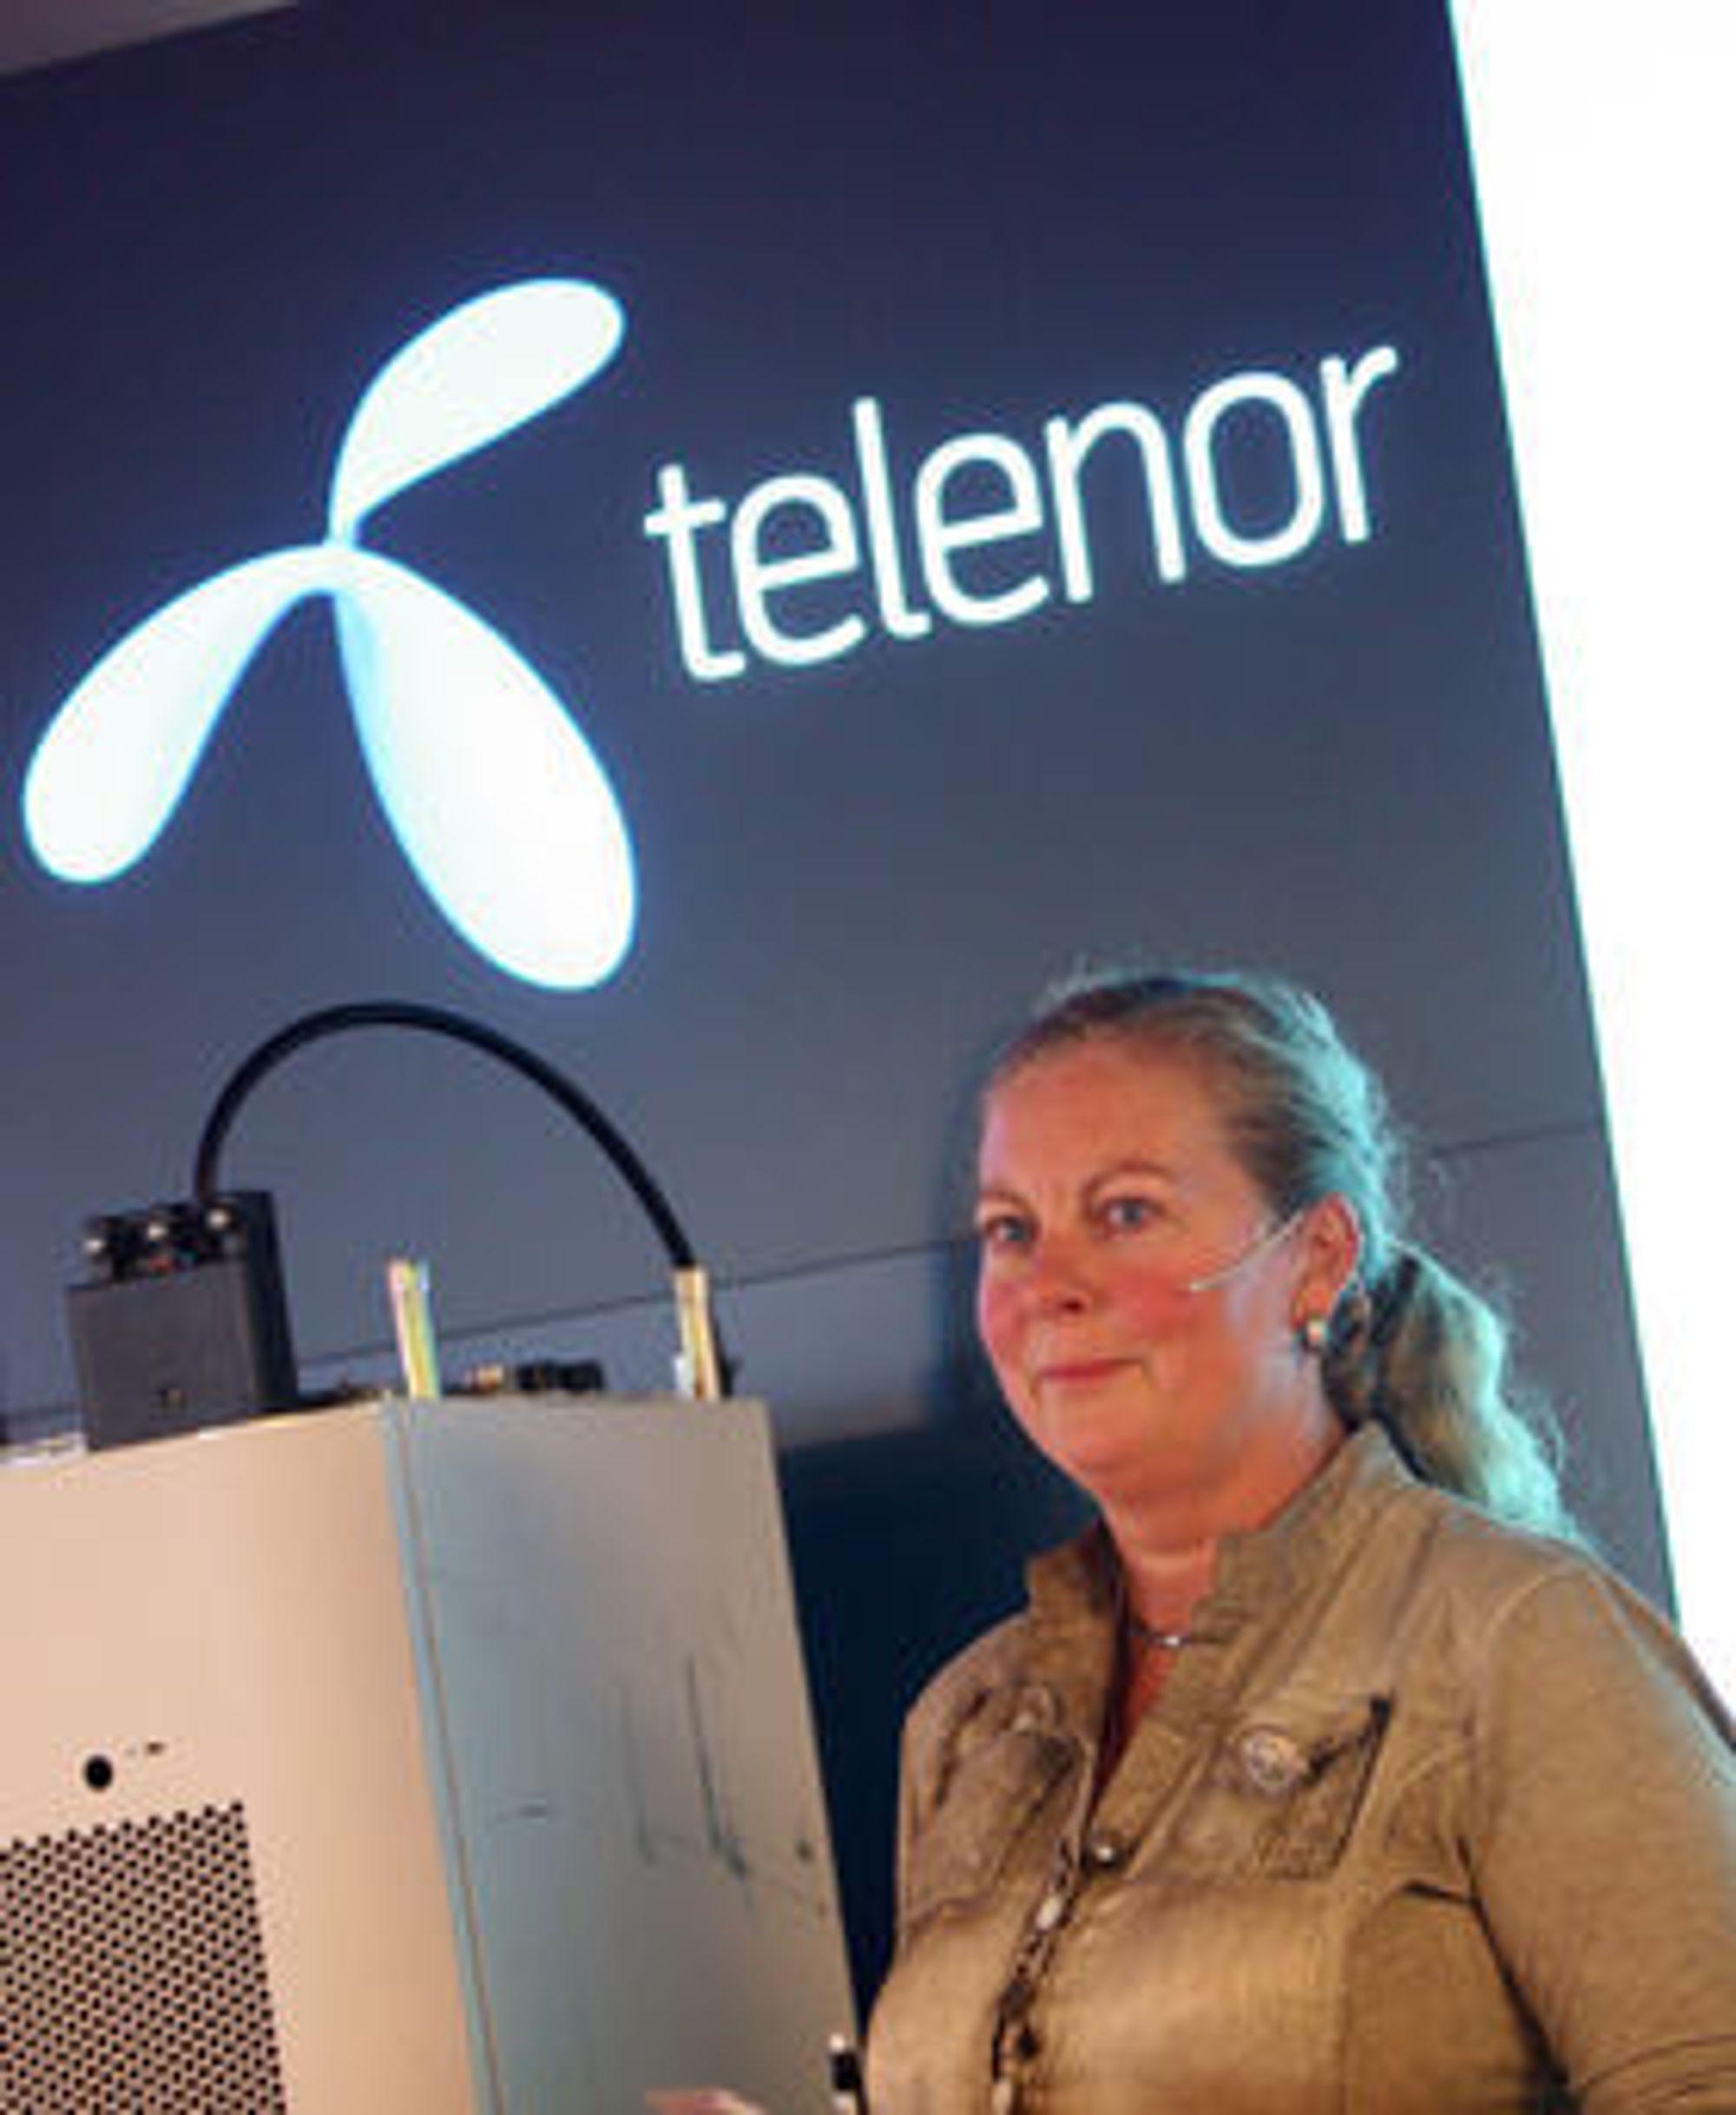 - At bransjen samarbeider om mobil lommebok er fordelaktig for kundene, sier Telenor-direktør Berit Svendsen.